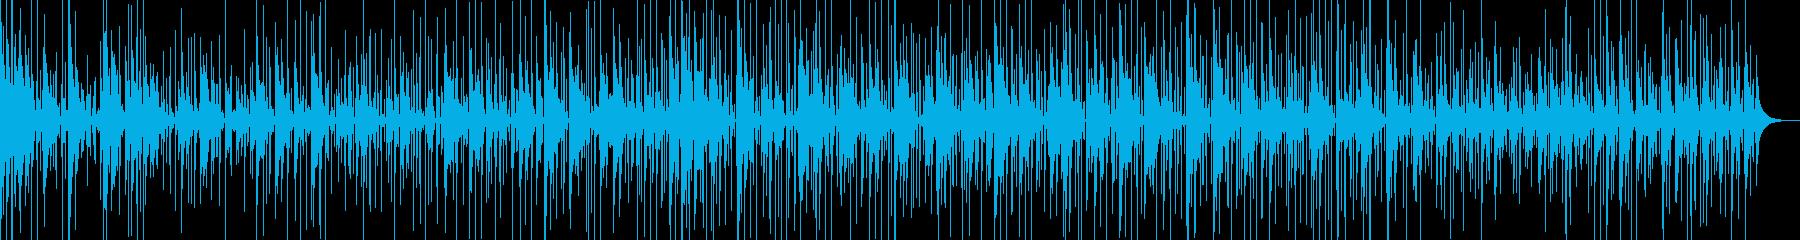 自己内省瞑想音楽6の再生済みの波形